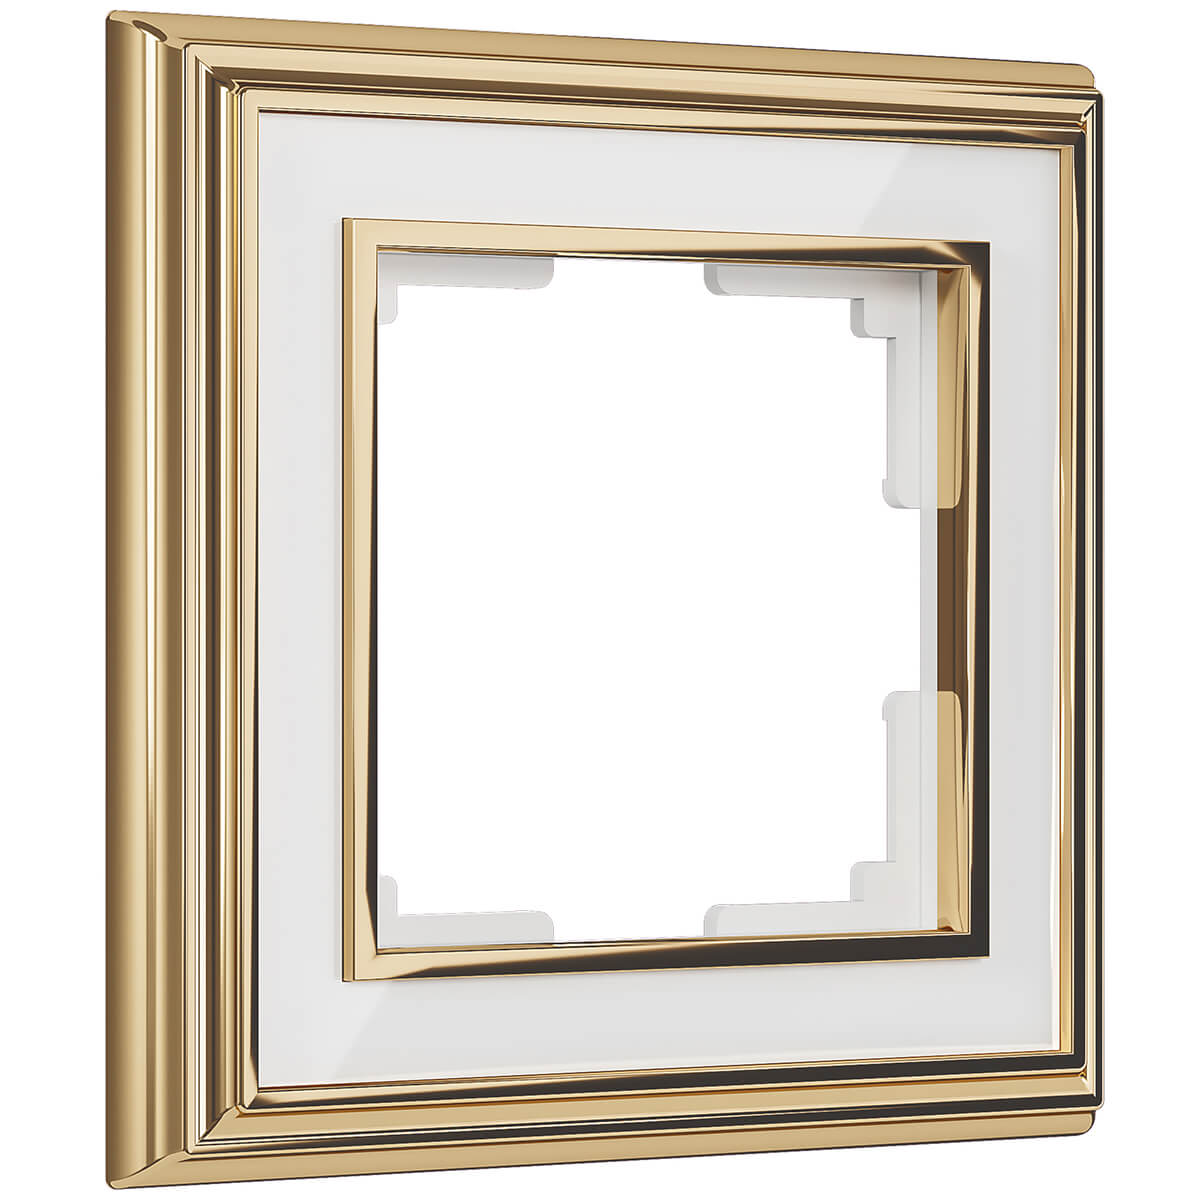 Рамка Palacio на 1 пост золото/белый WL17-Frame-01 4690389103575 рамка palacio на 1 пост золото белый wl17 frame 01 4690389103575